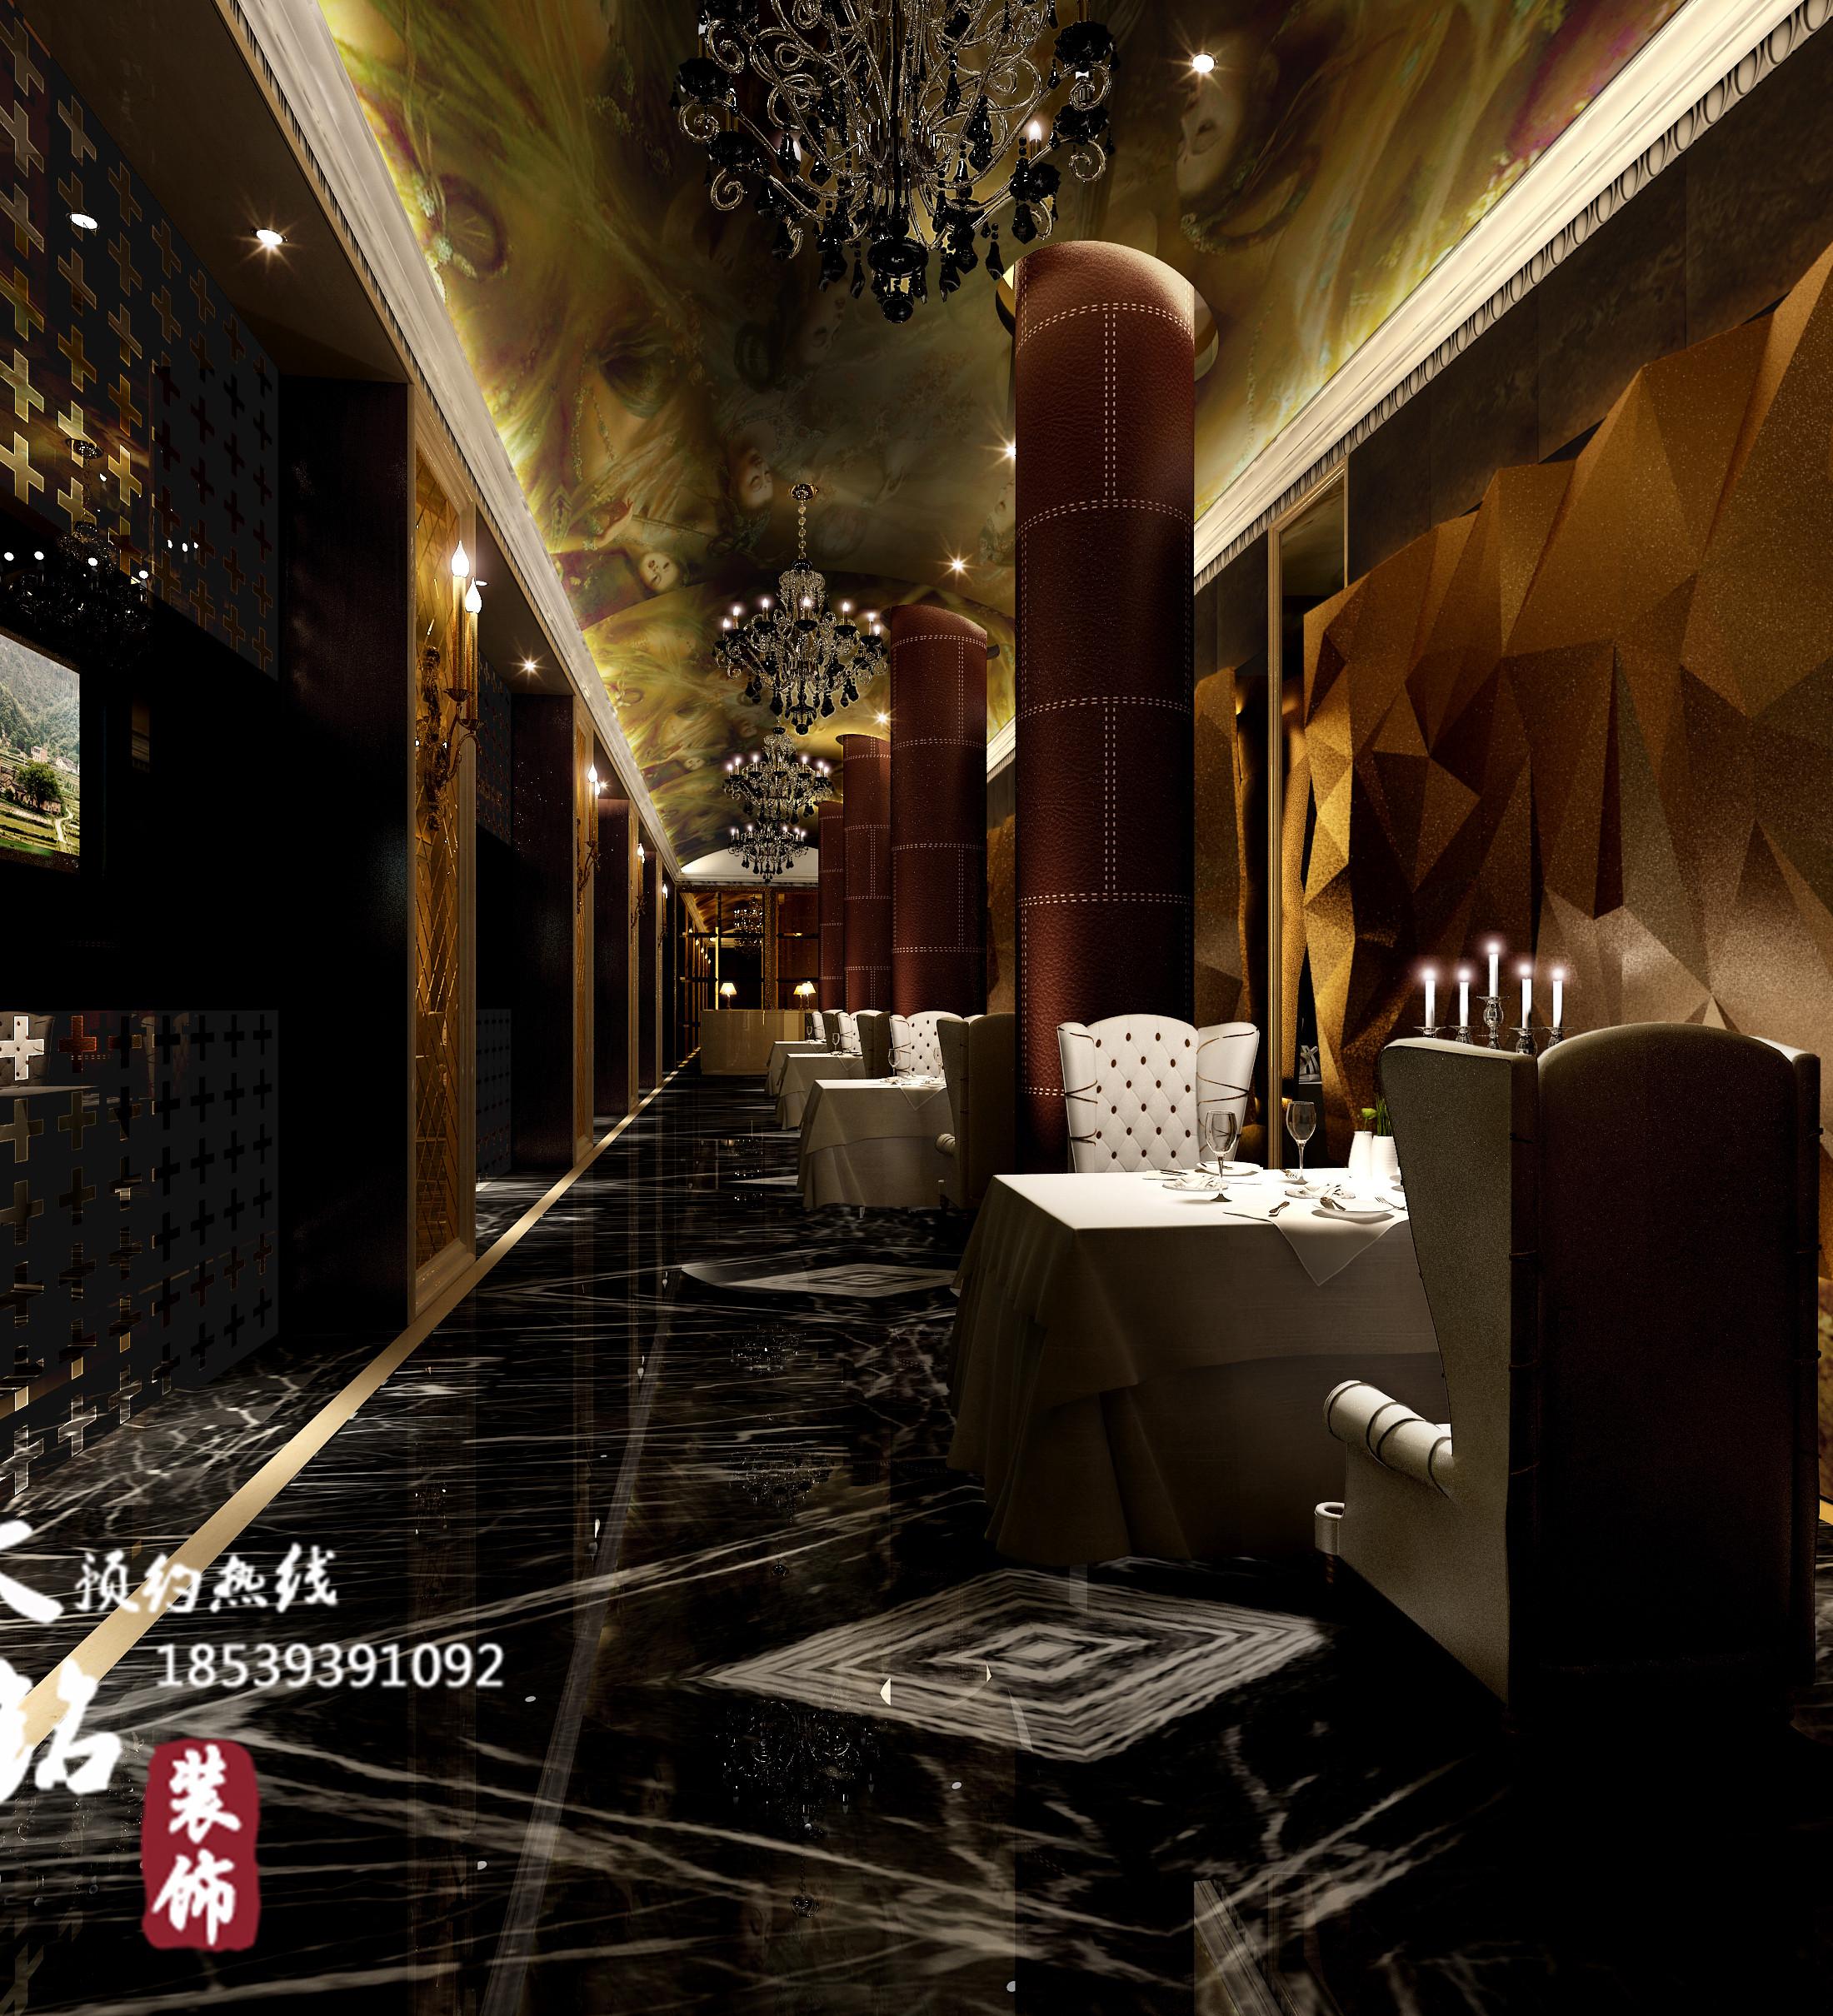 郑州丽景轩餐厅装饰设计